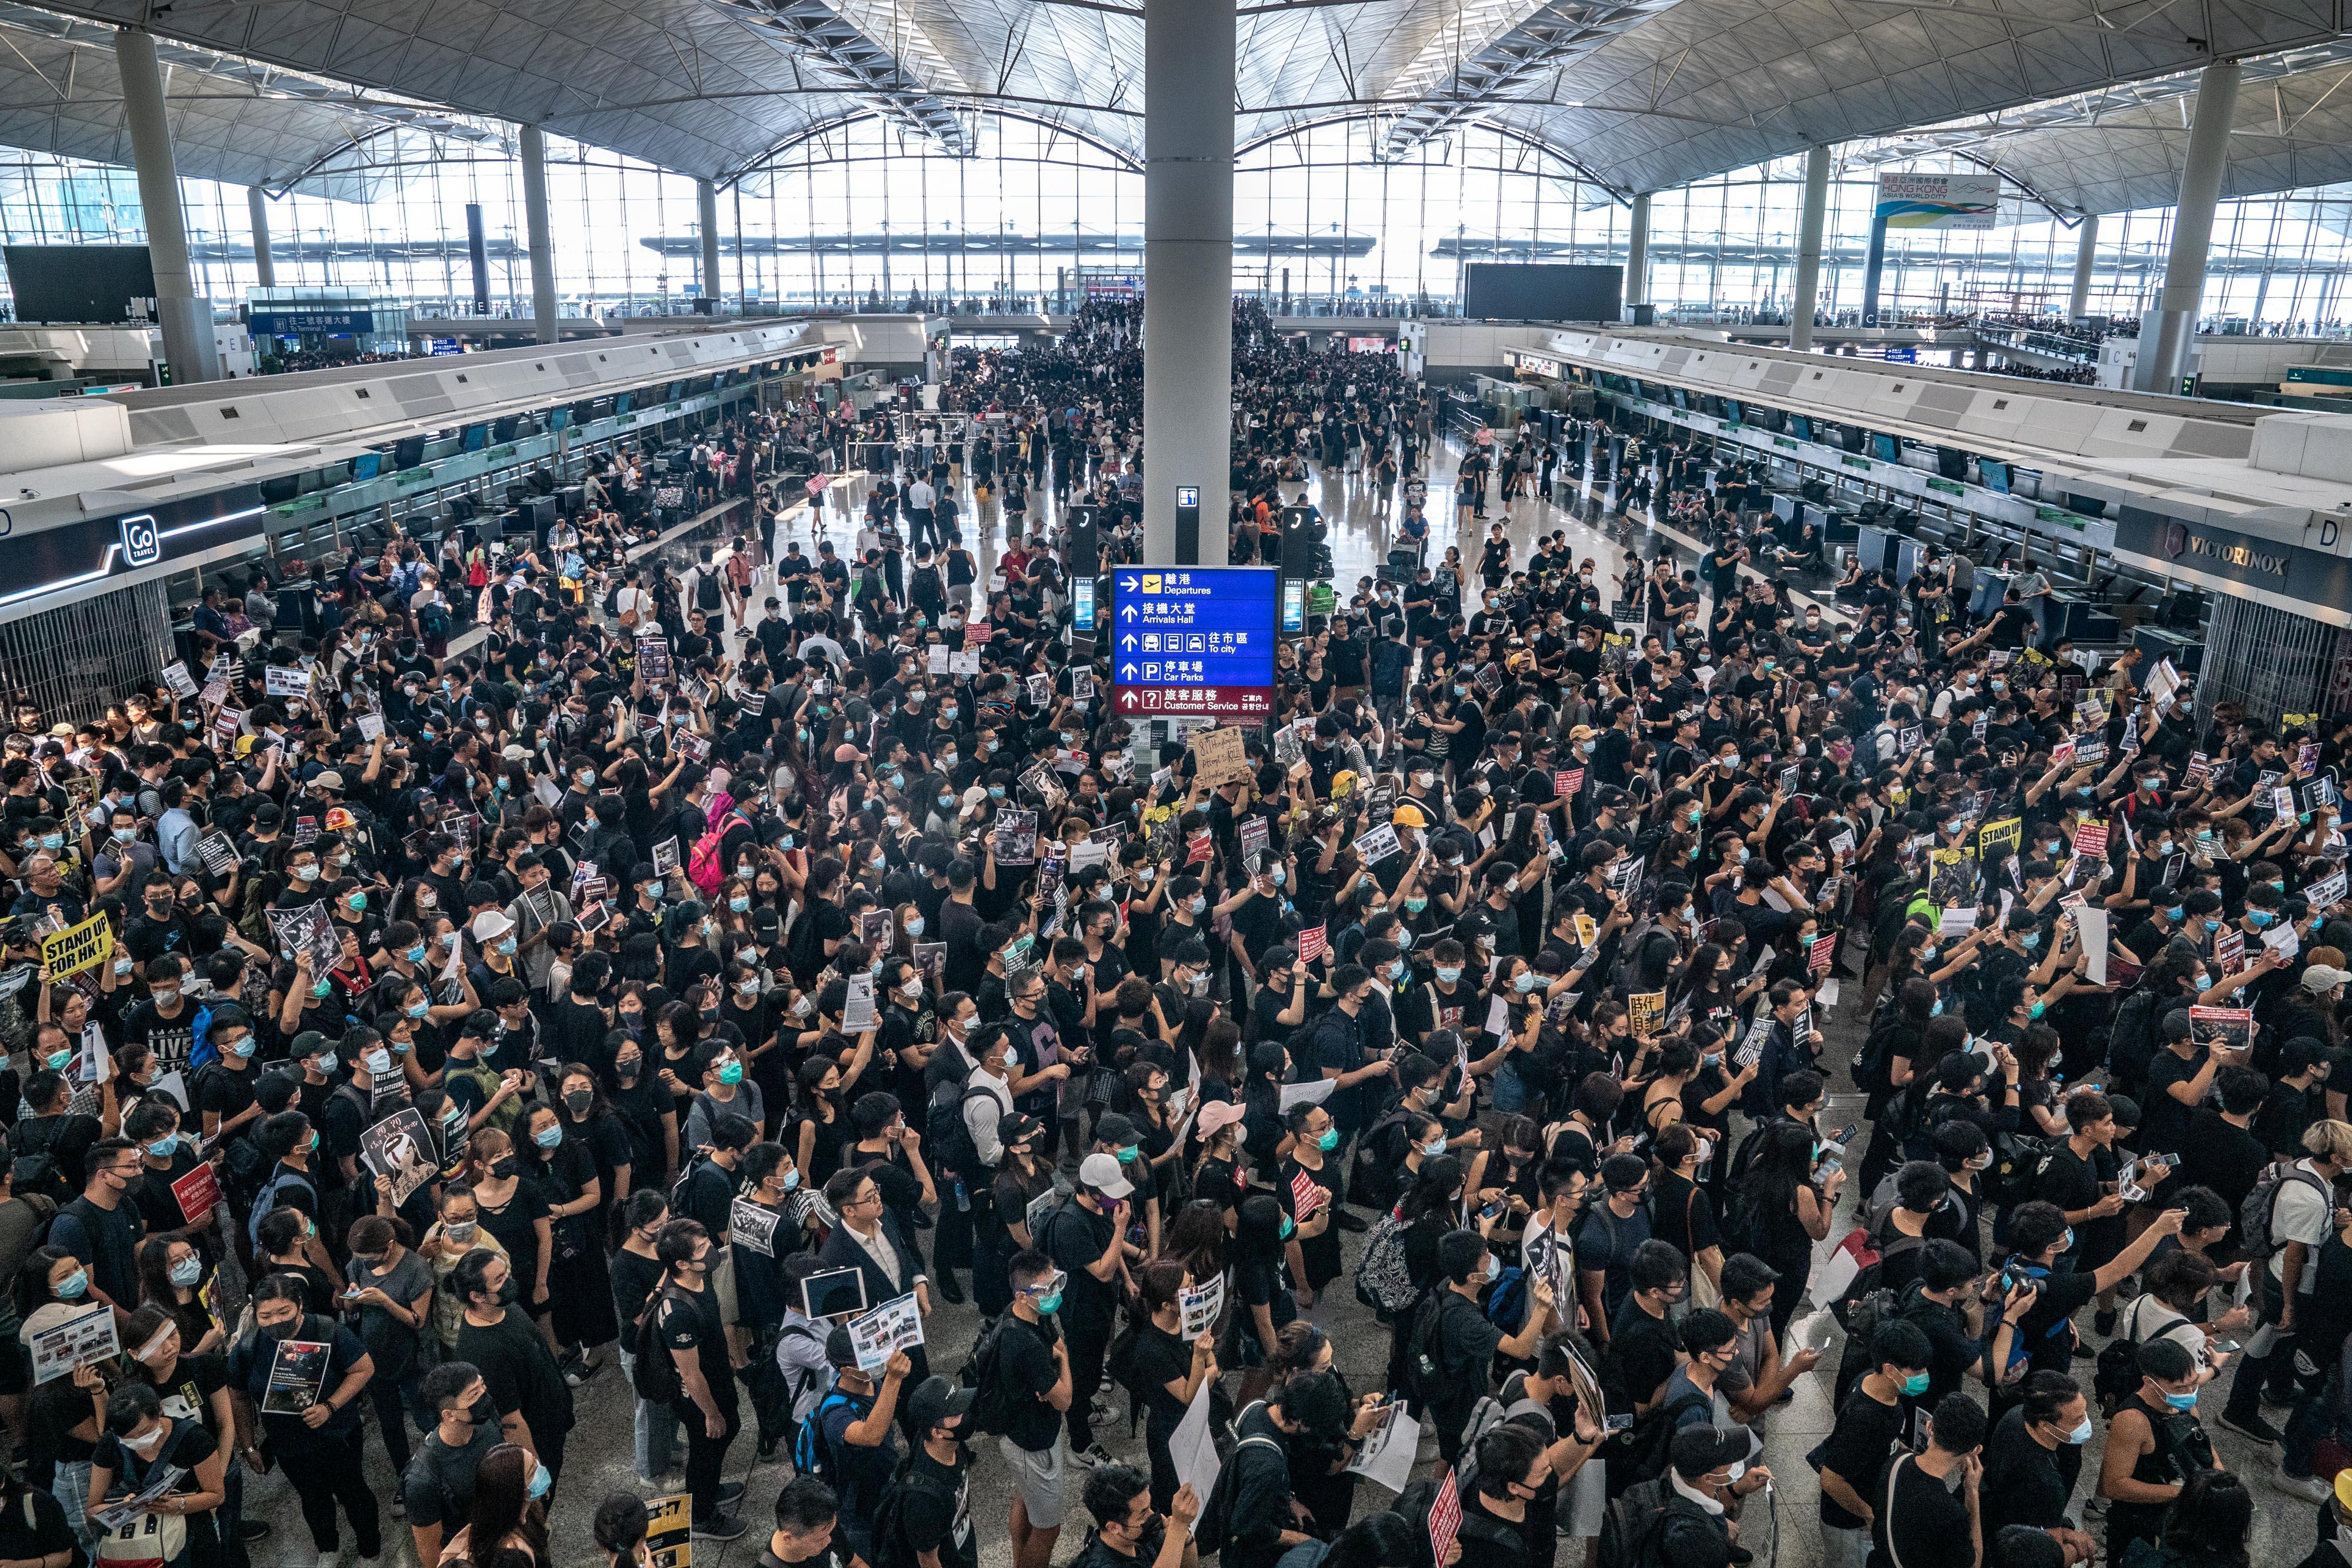 【8.12反送中】港人機場續集會 所有航班取消